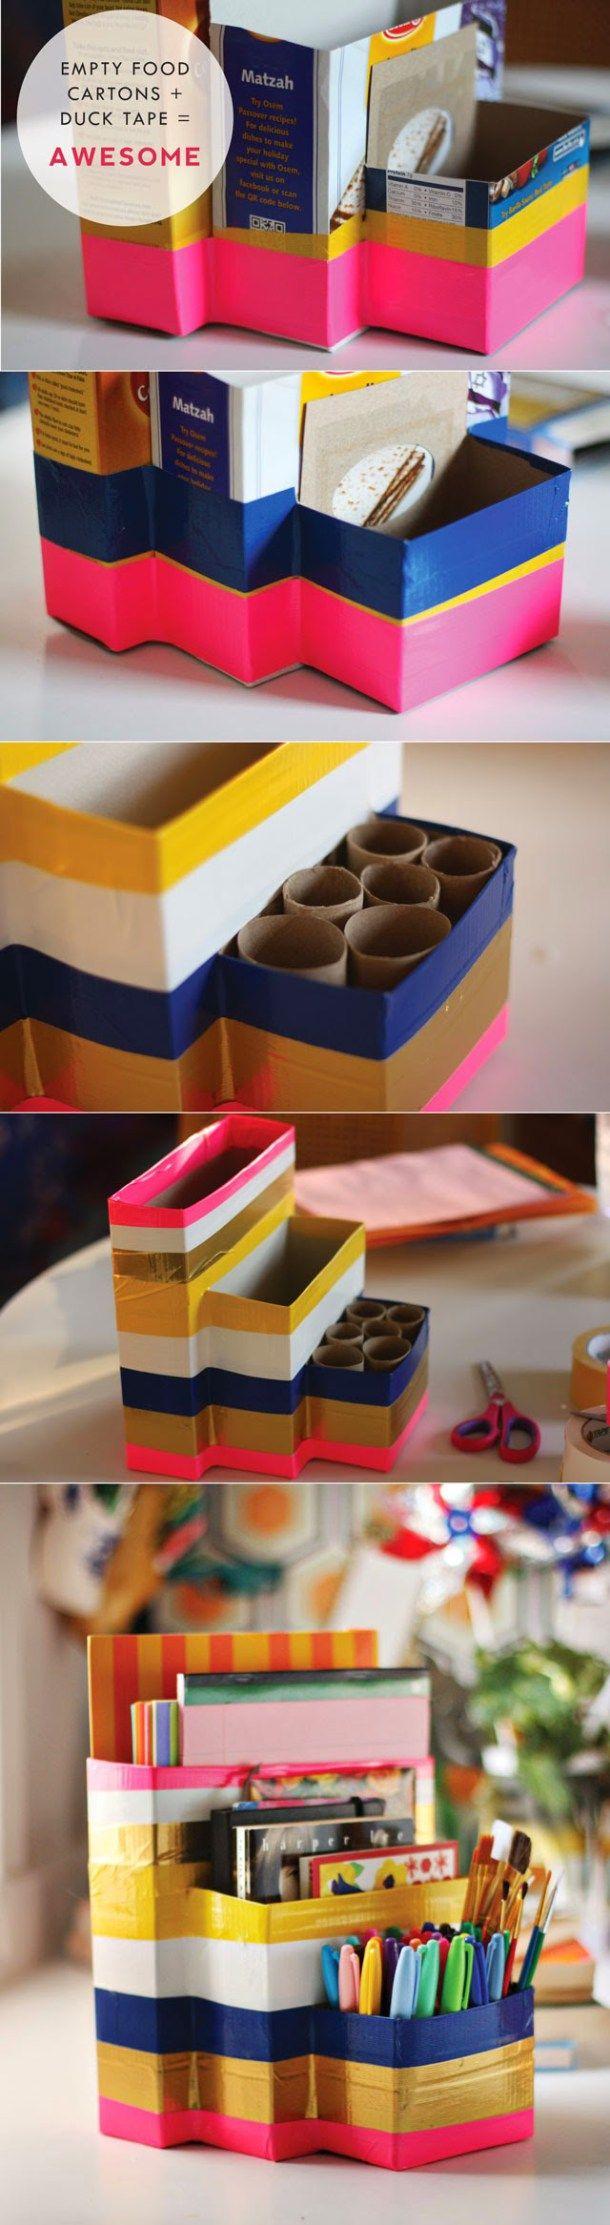 Best 25 Cardboard Organizer Ideas On Pinterest